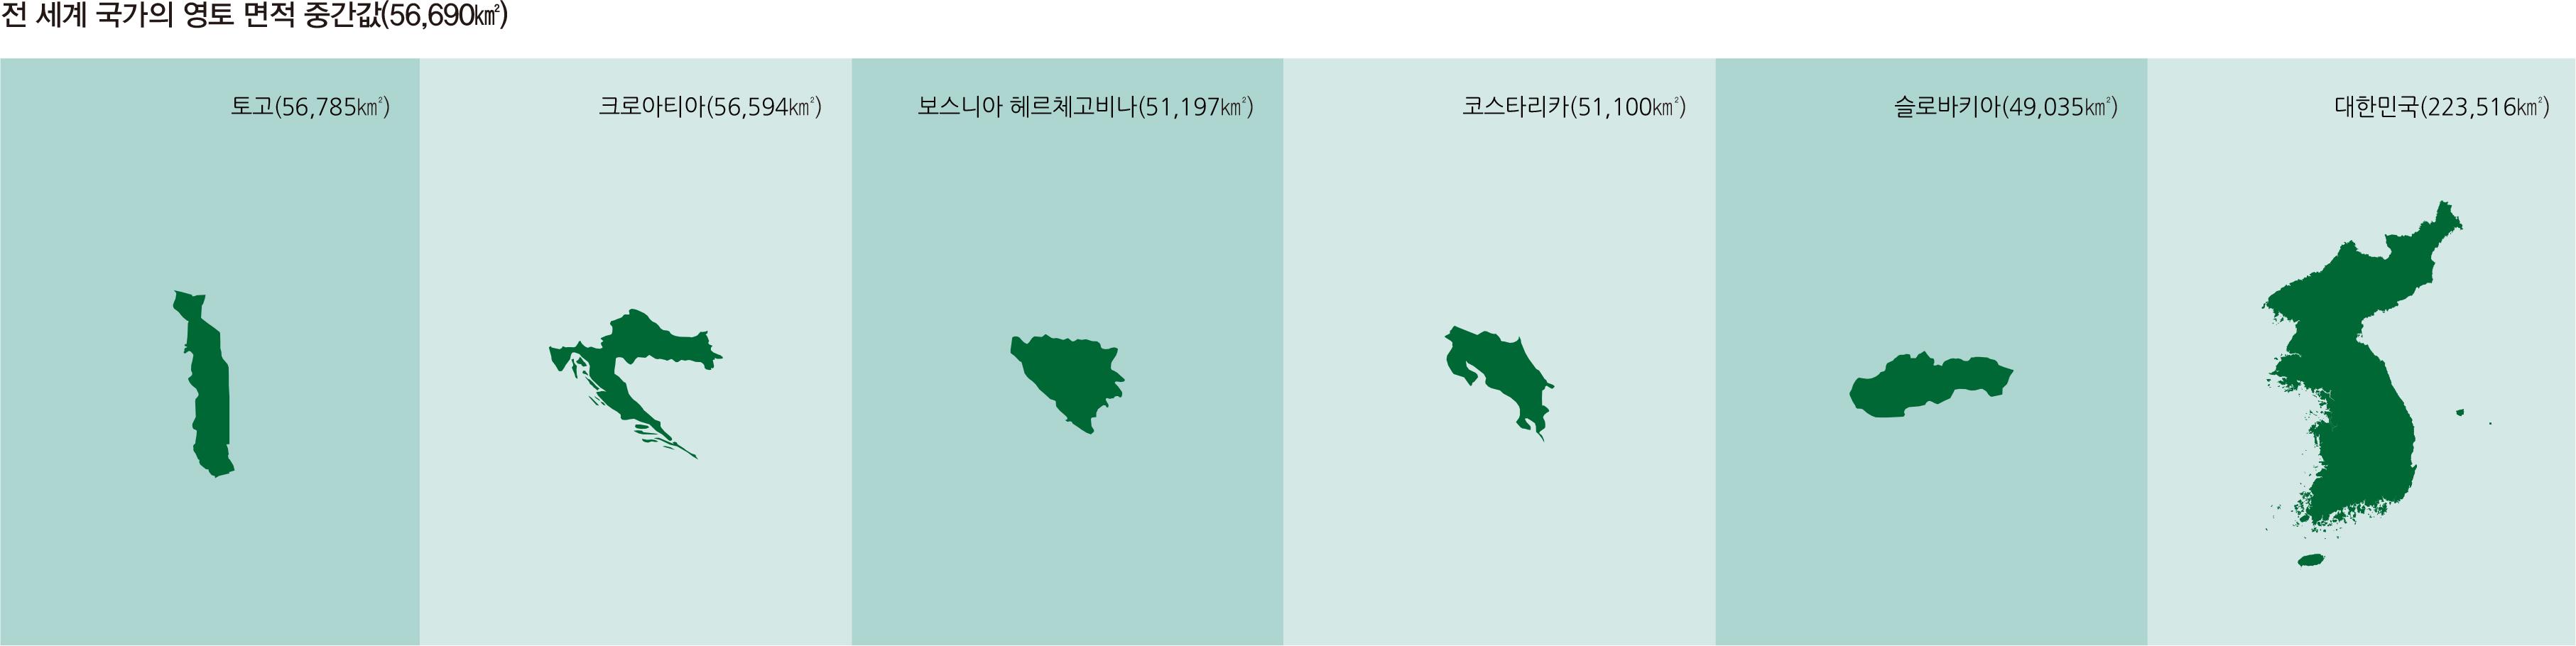 전 세계 국가의 영토 면적 중간값(56,690km²)